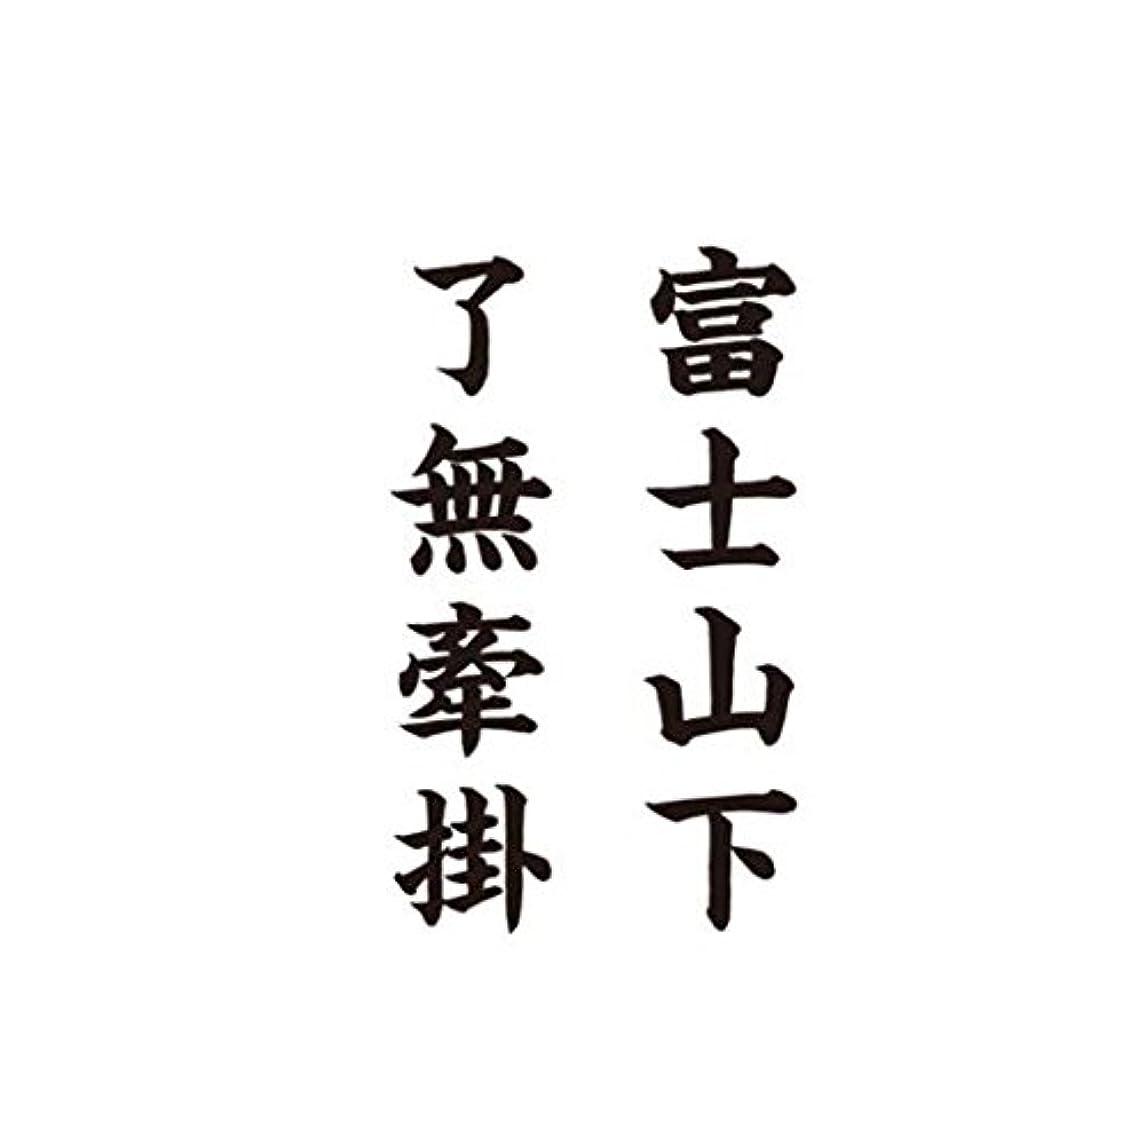 文字通り懲戒すりタトゥー耐久シミュレーション中国語ステッカー